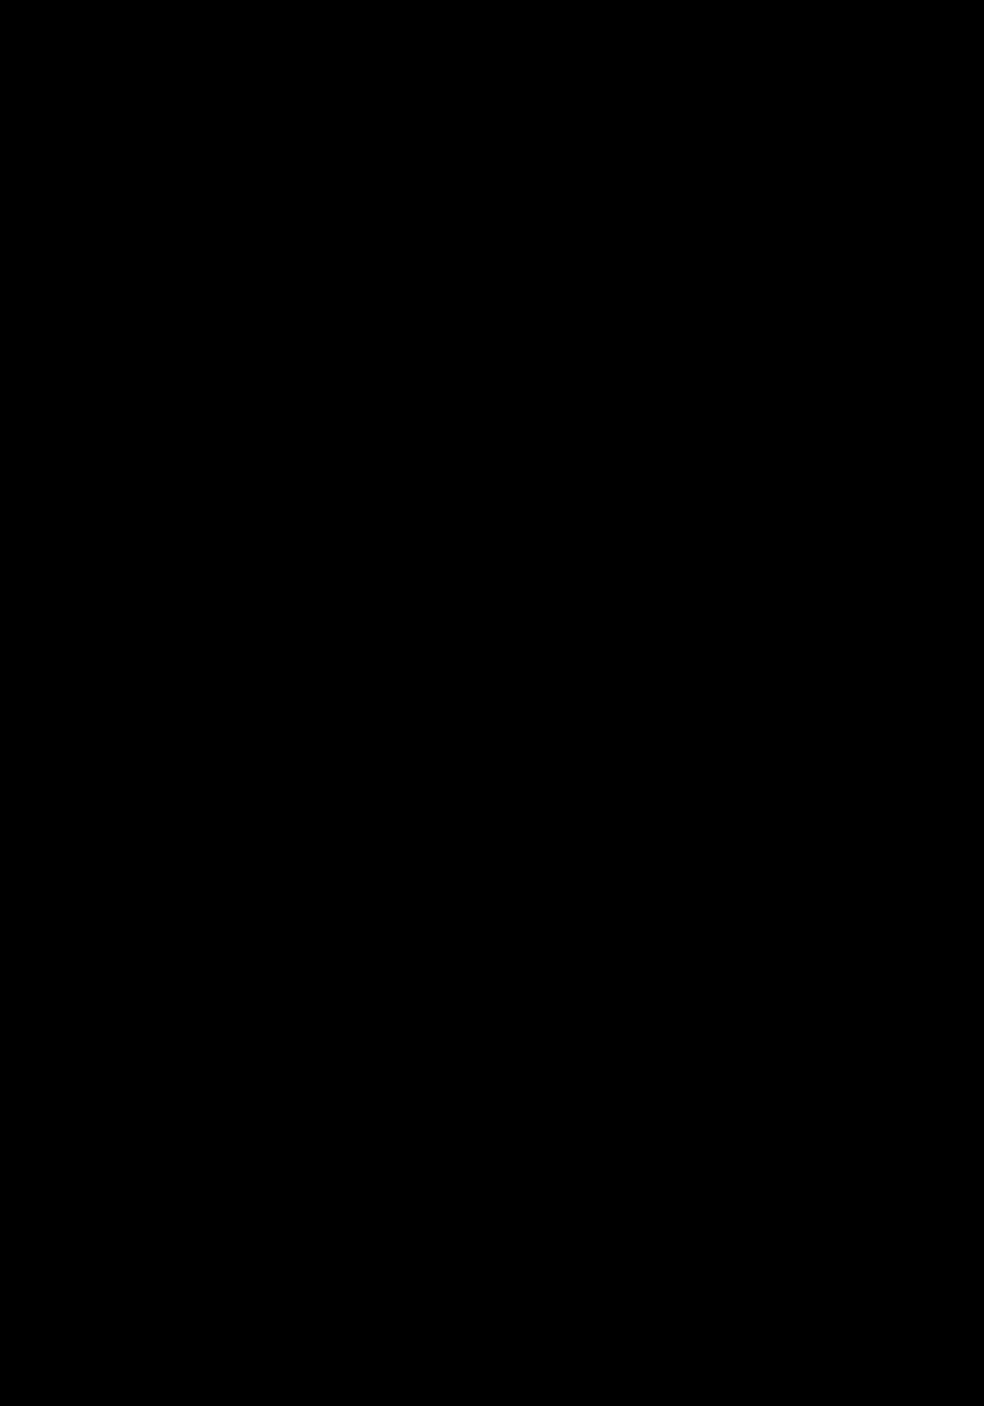 アンチック(中見出し) KF-A 横組見本